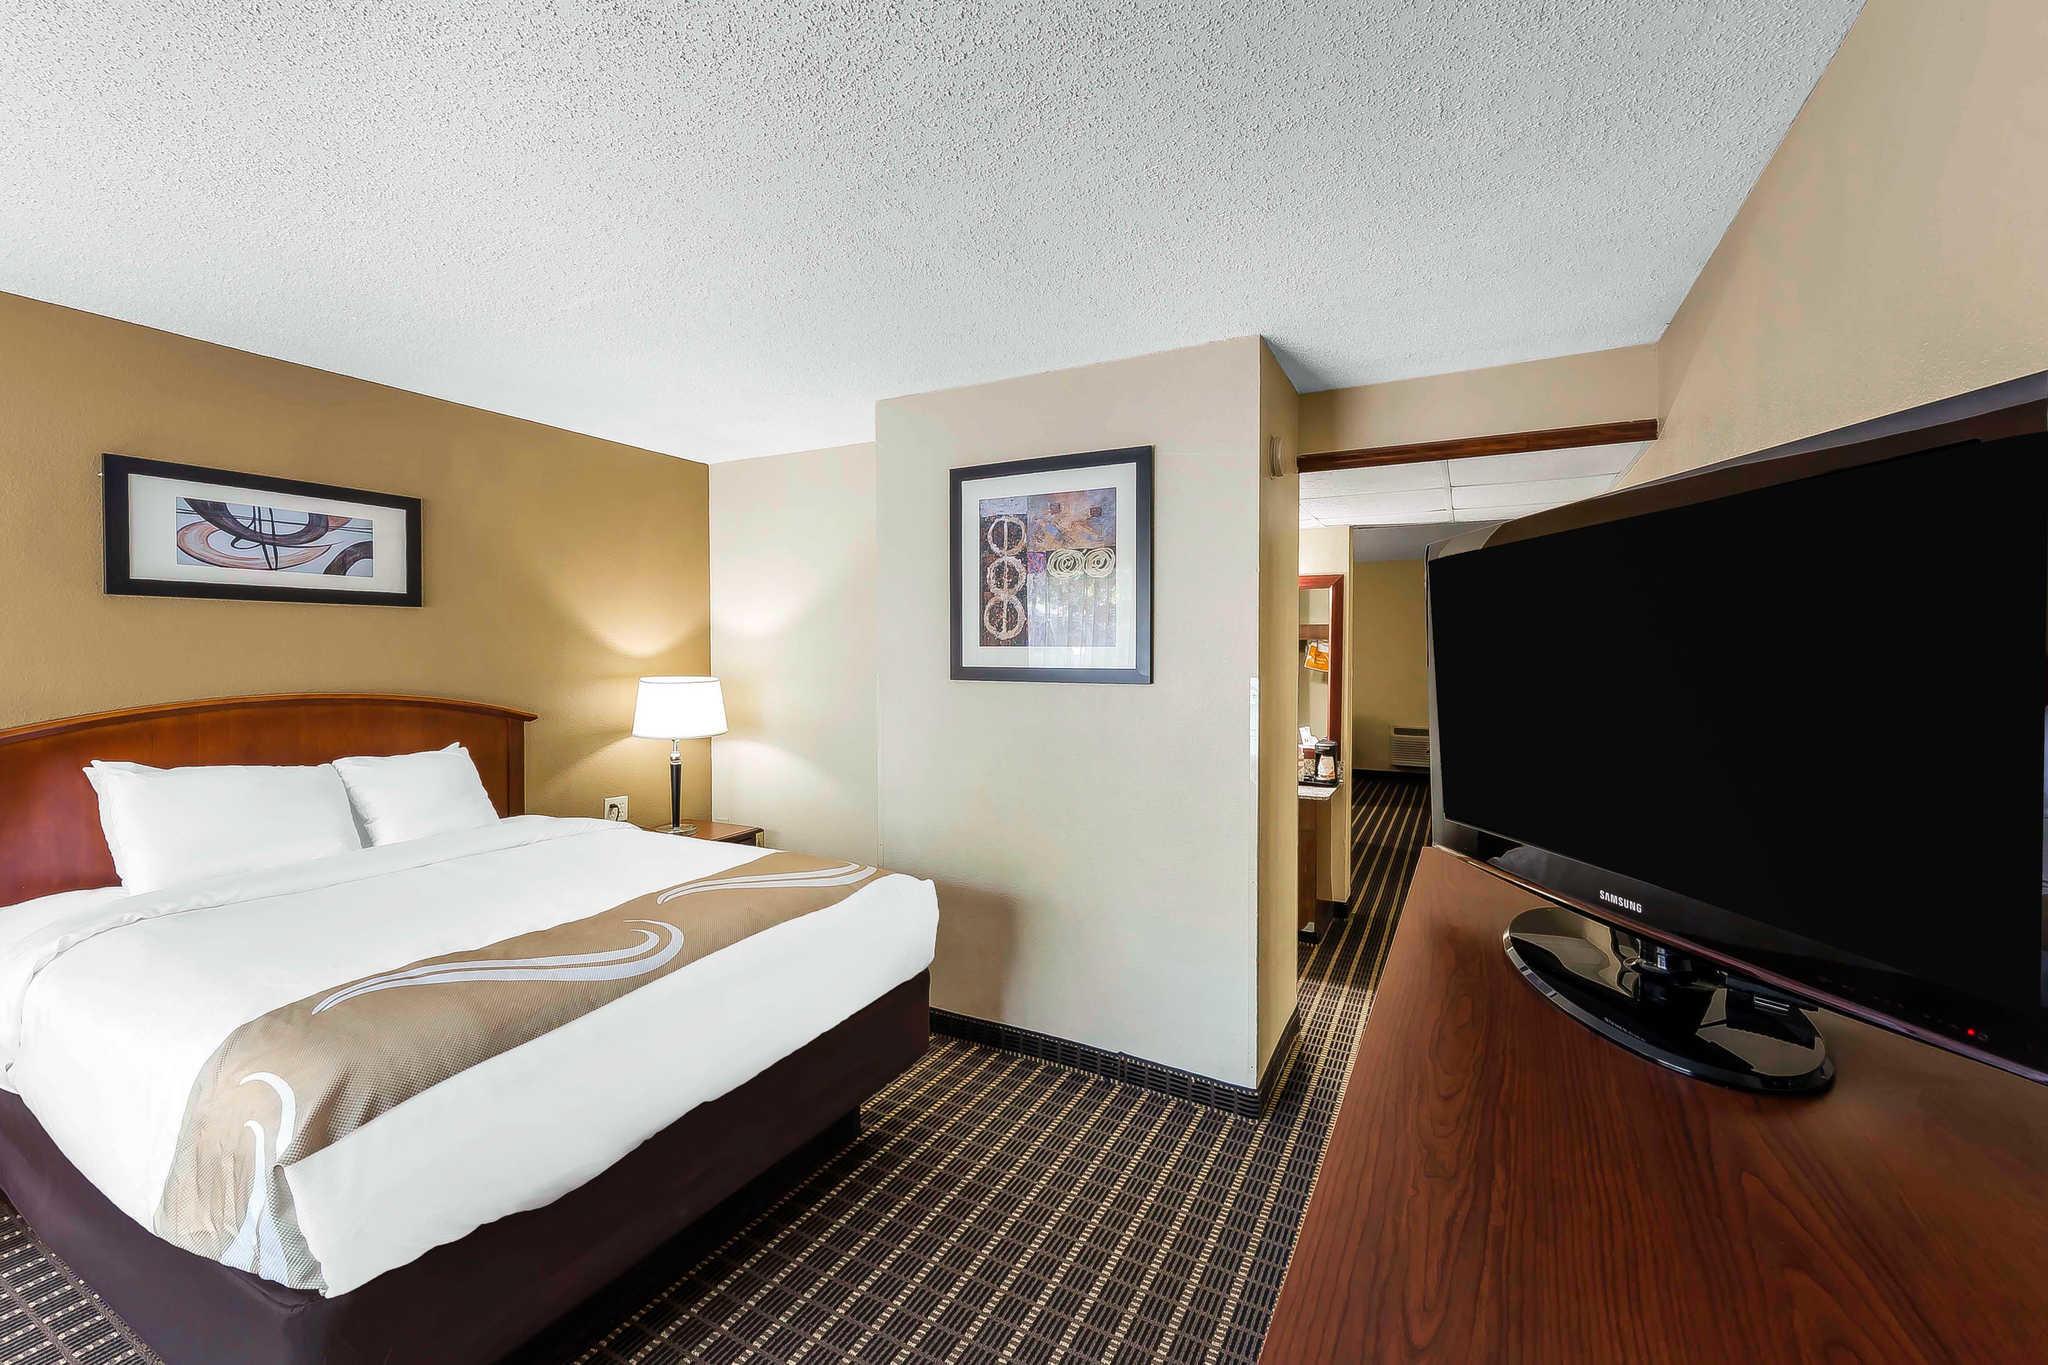 Quality Inn & Suites River Suites image 11